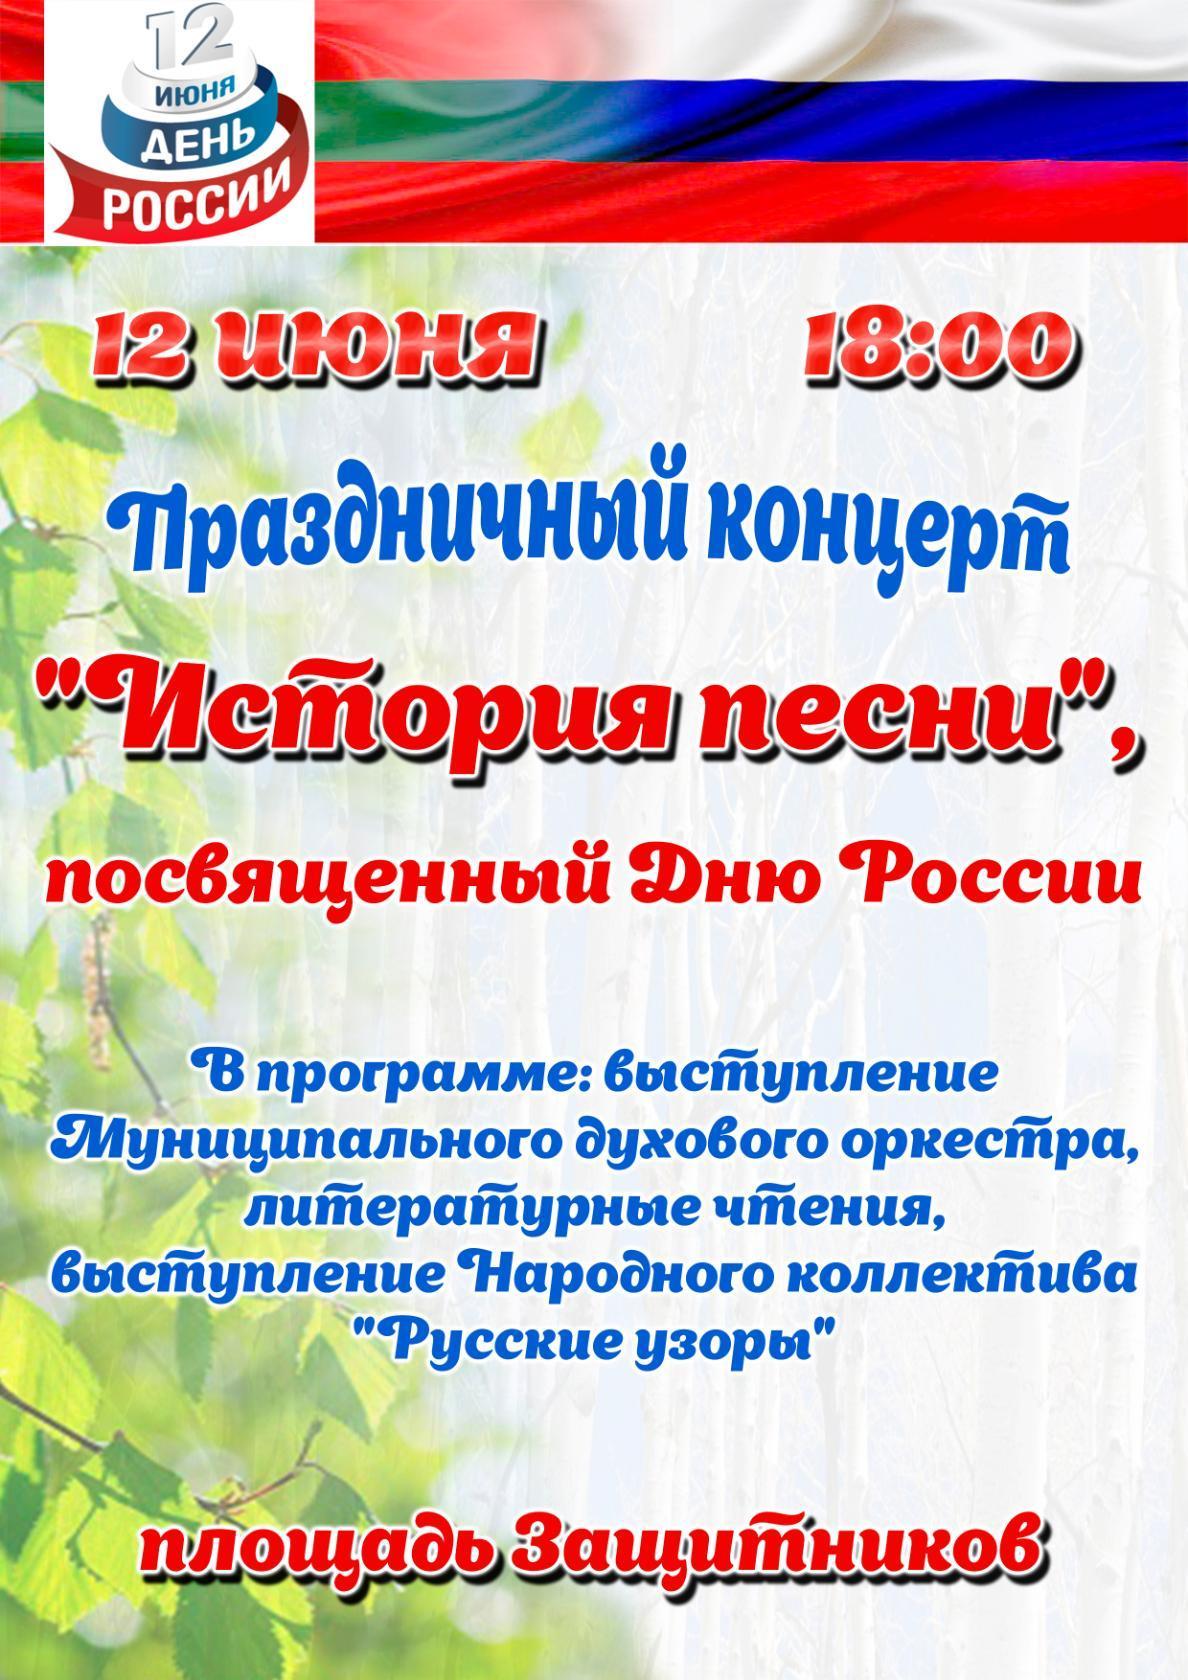 12 июня в 18:00 на площади Защитников